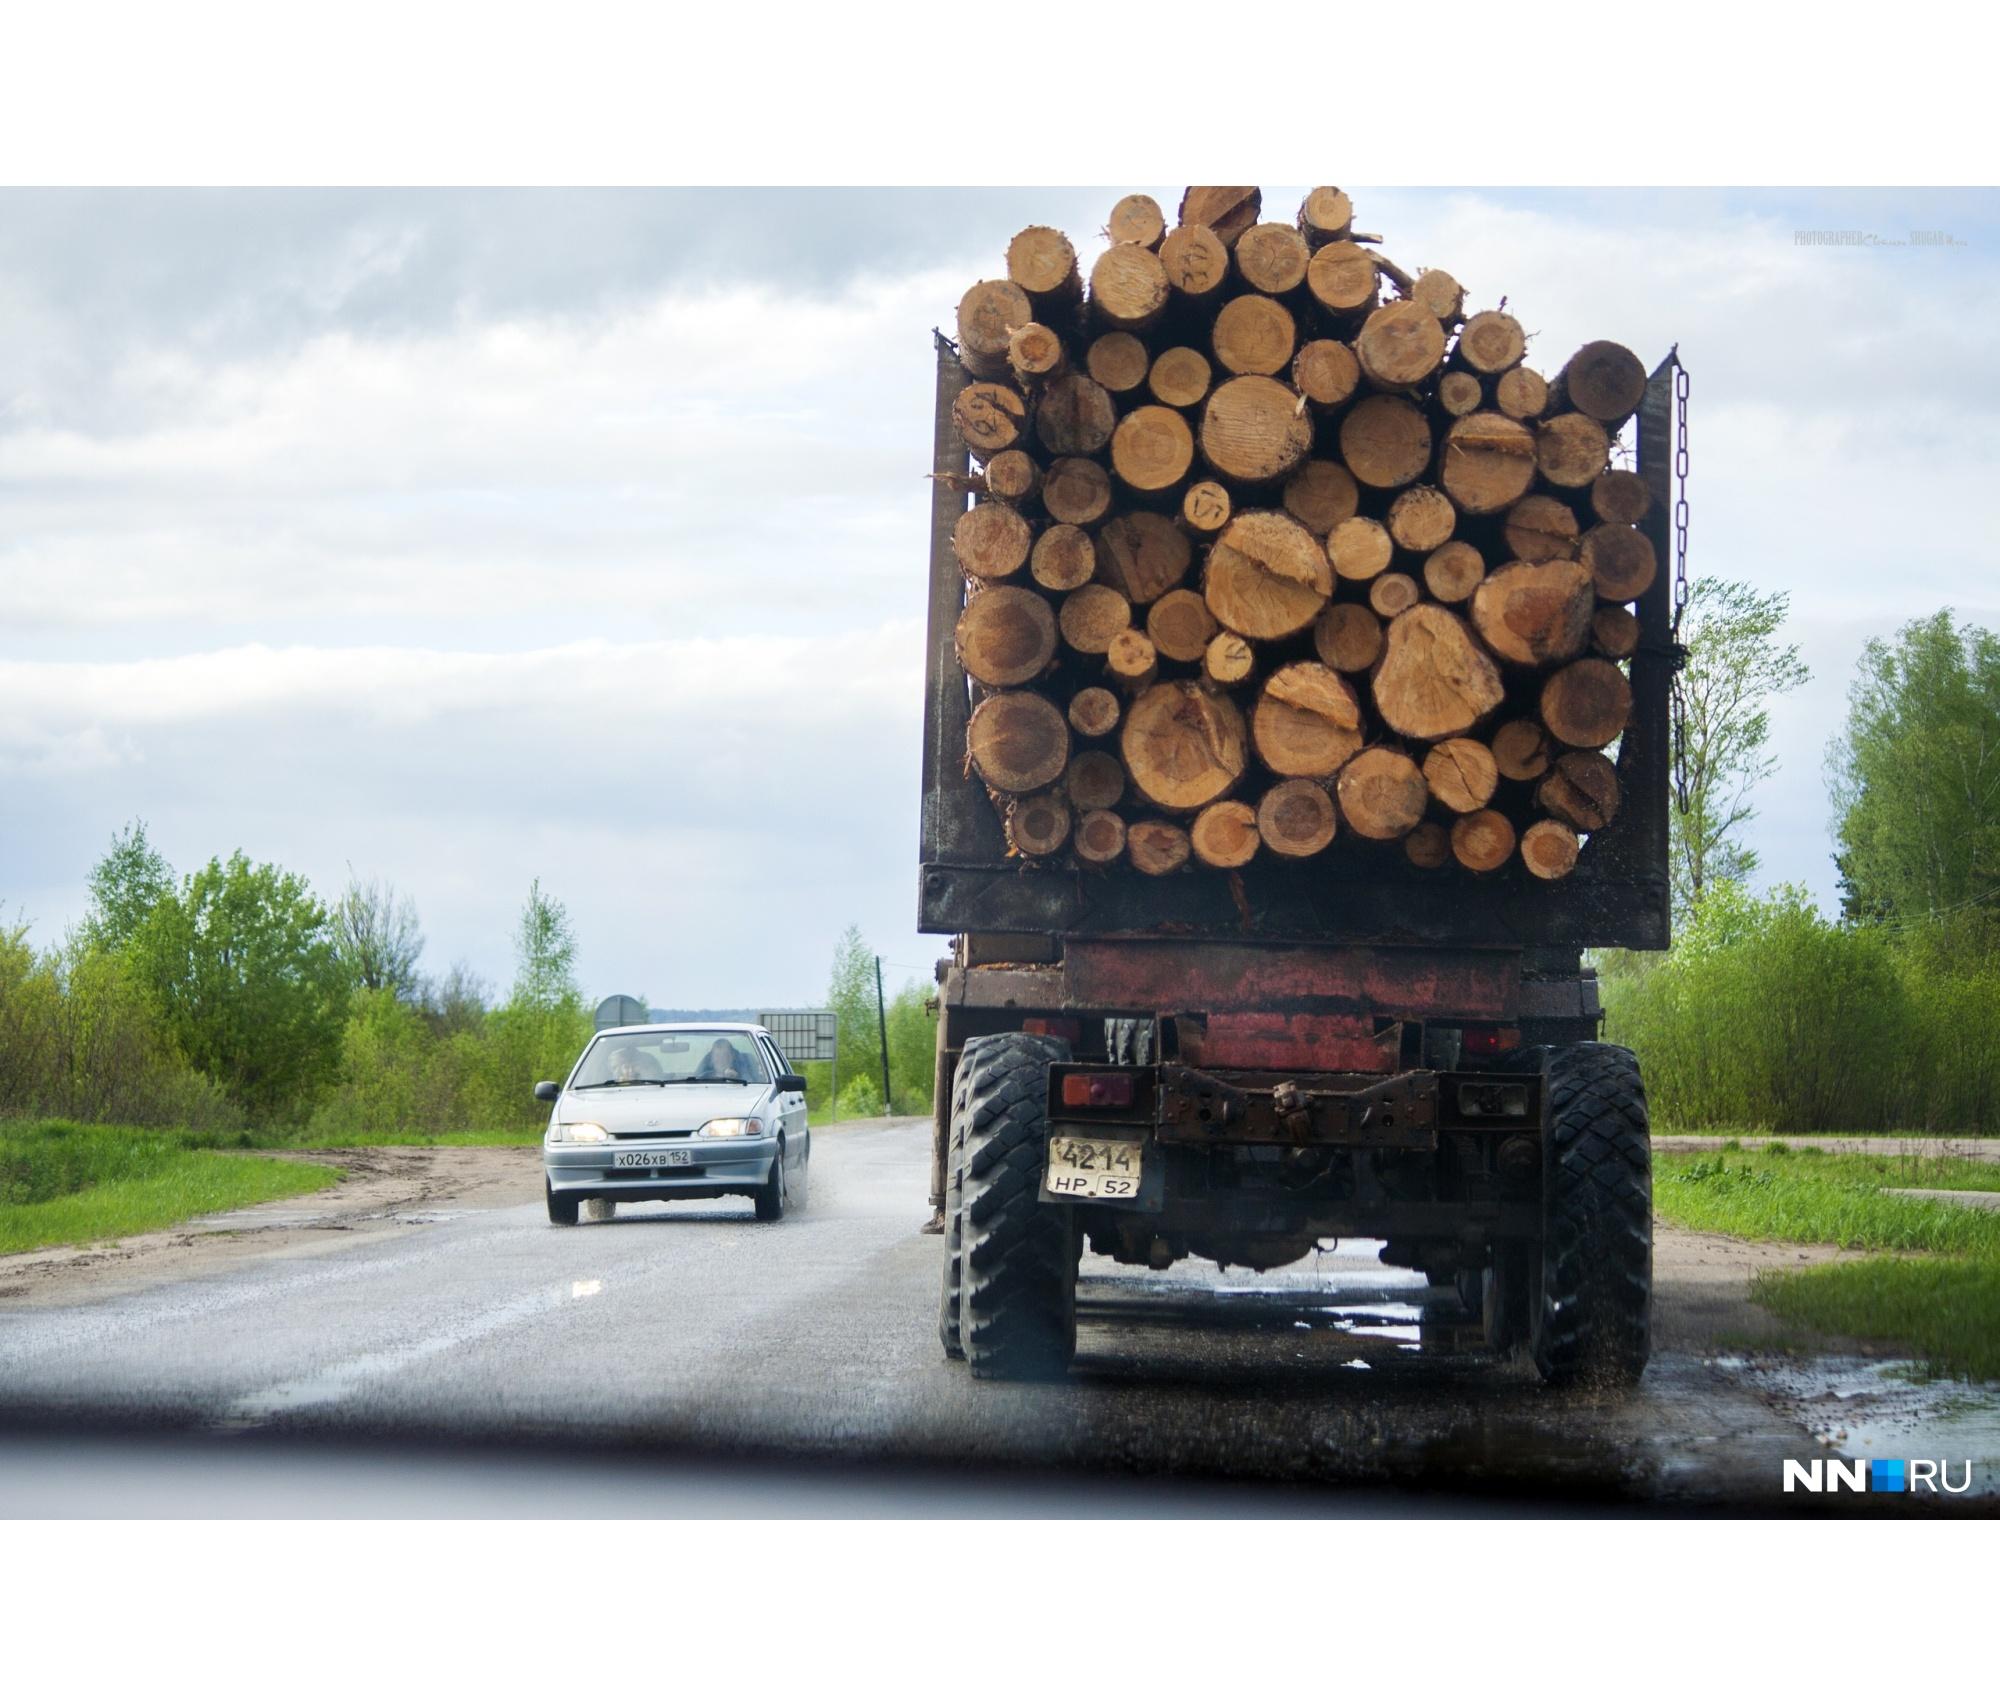 Когда едешь за лесовозом — автоматически думаешь о вечном